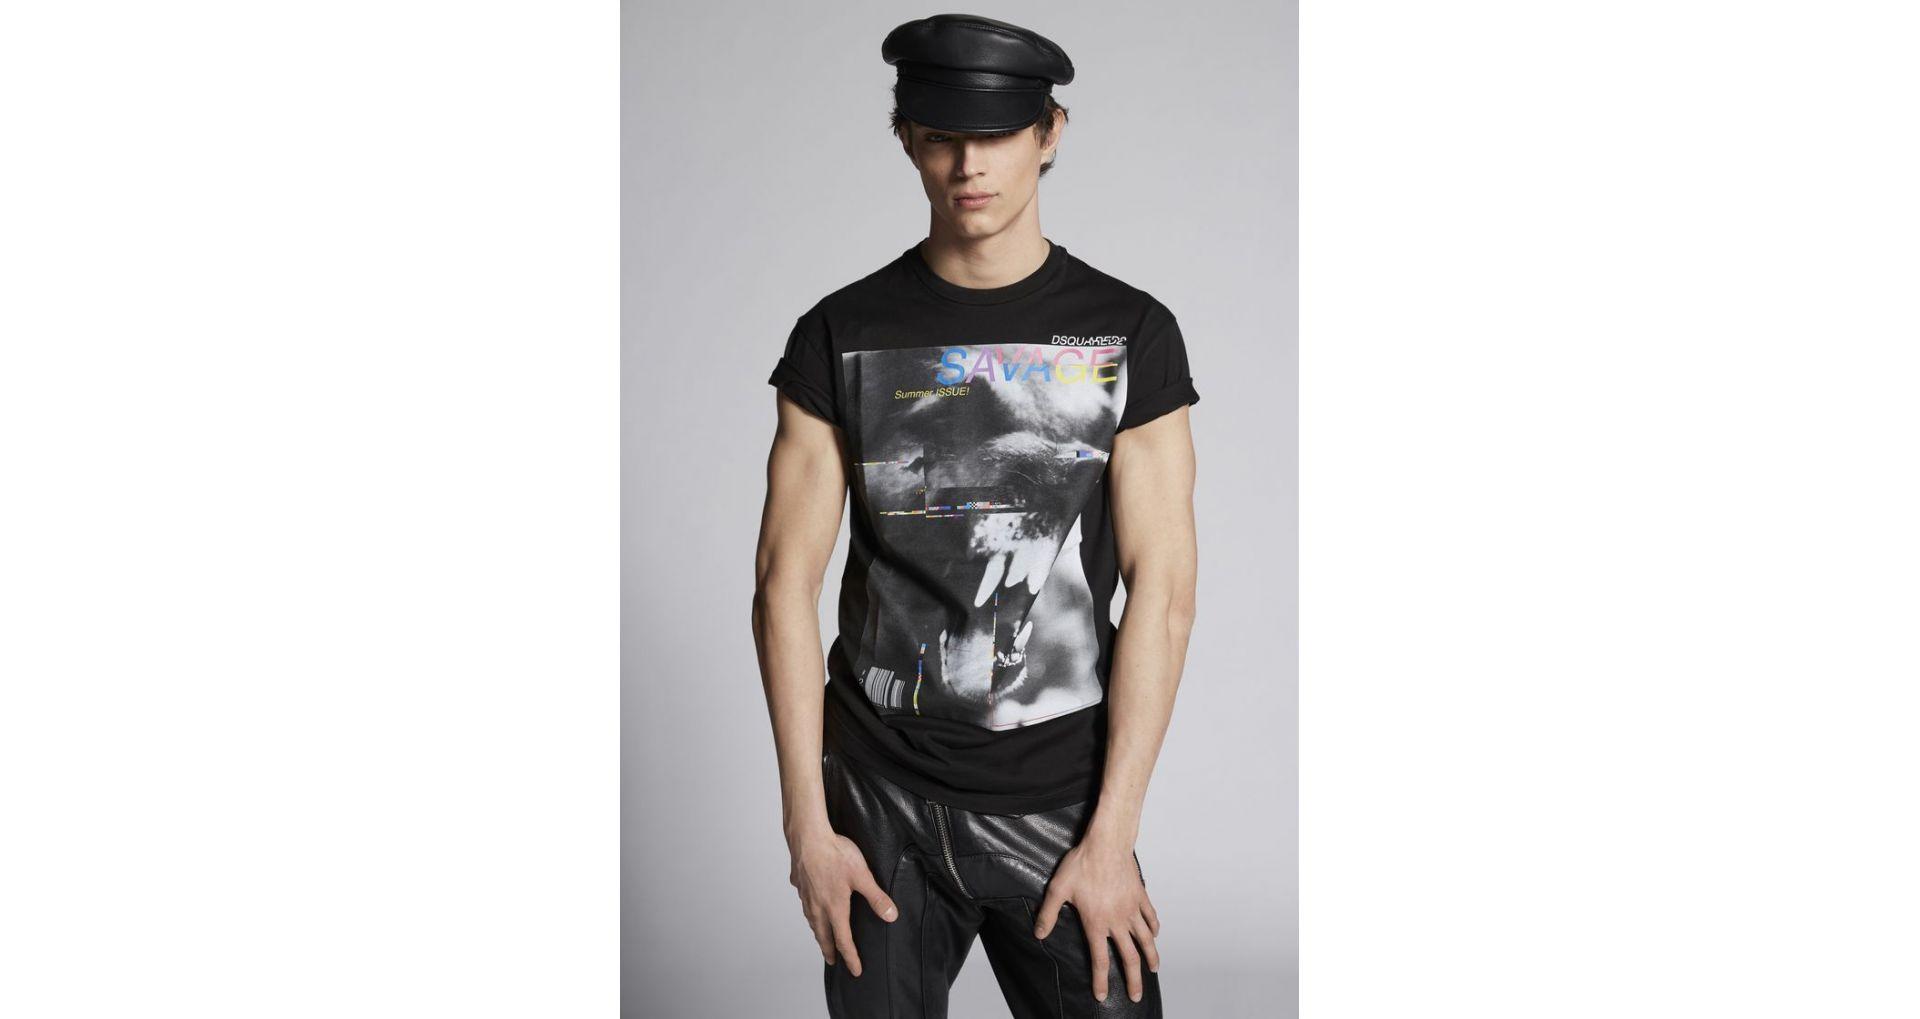 Descopera noile colectii de tricouri pentru barbat